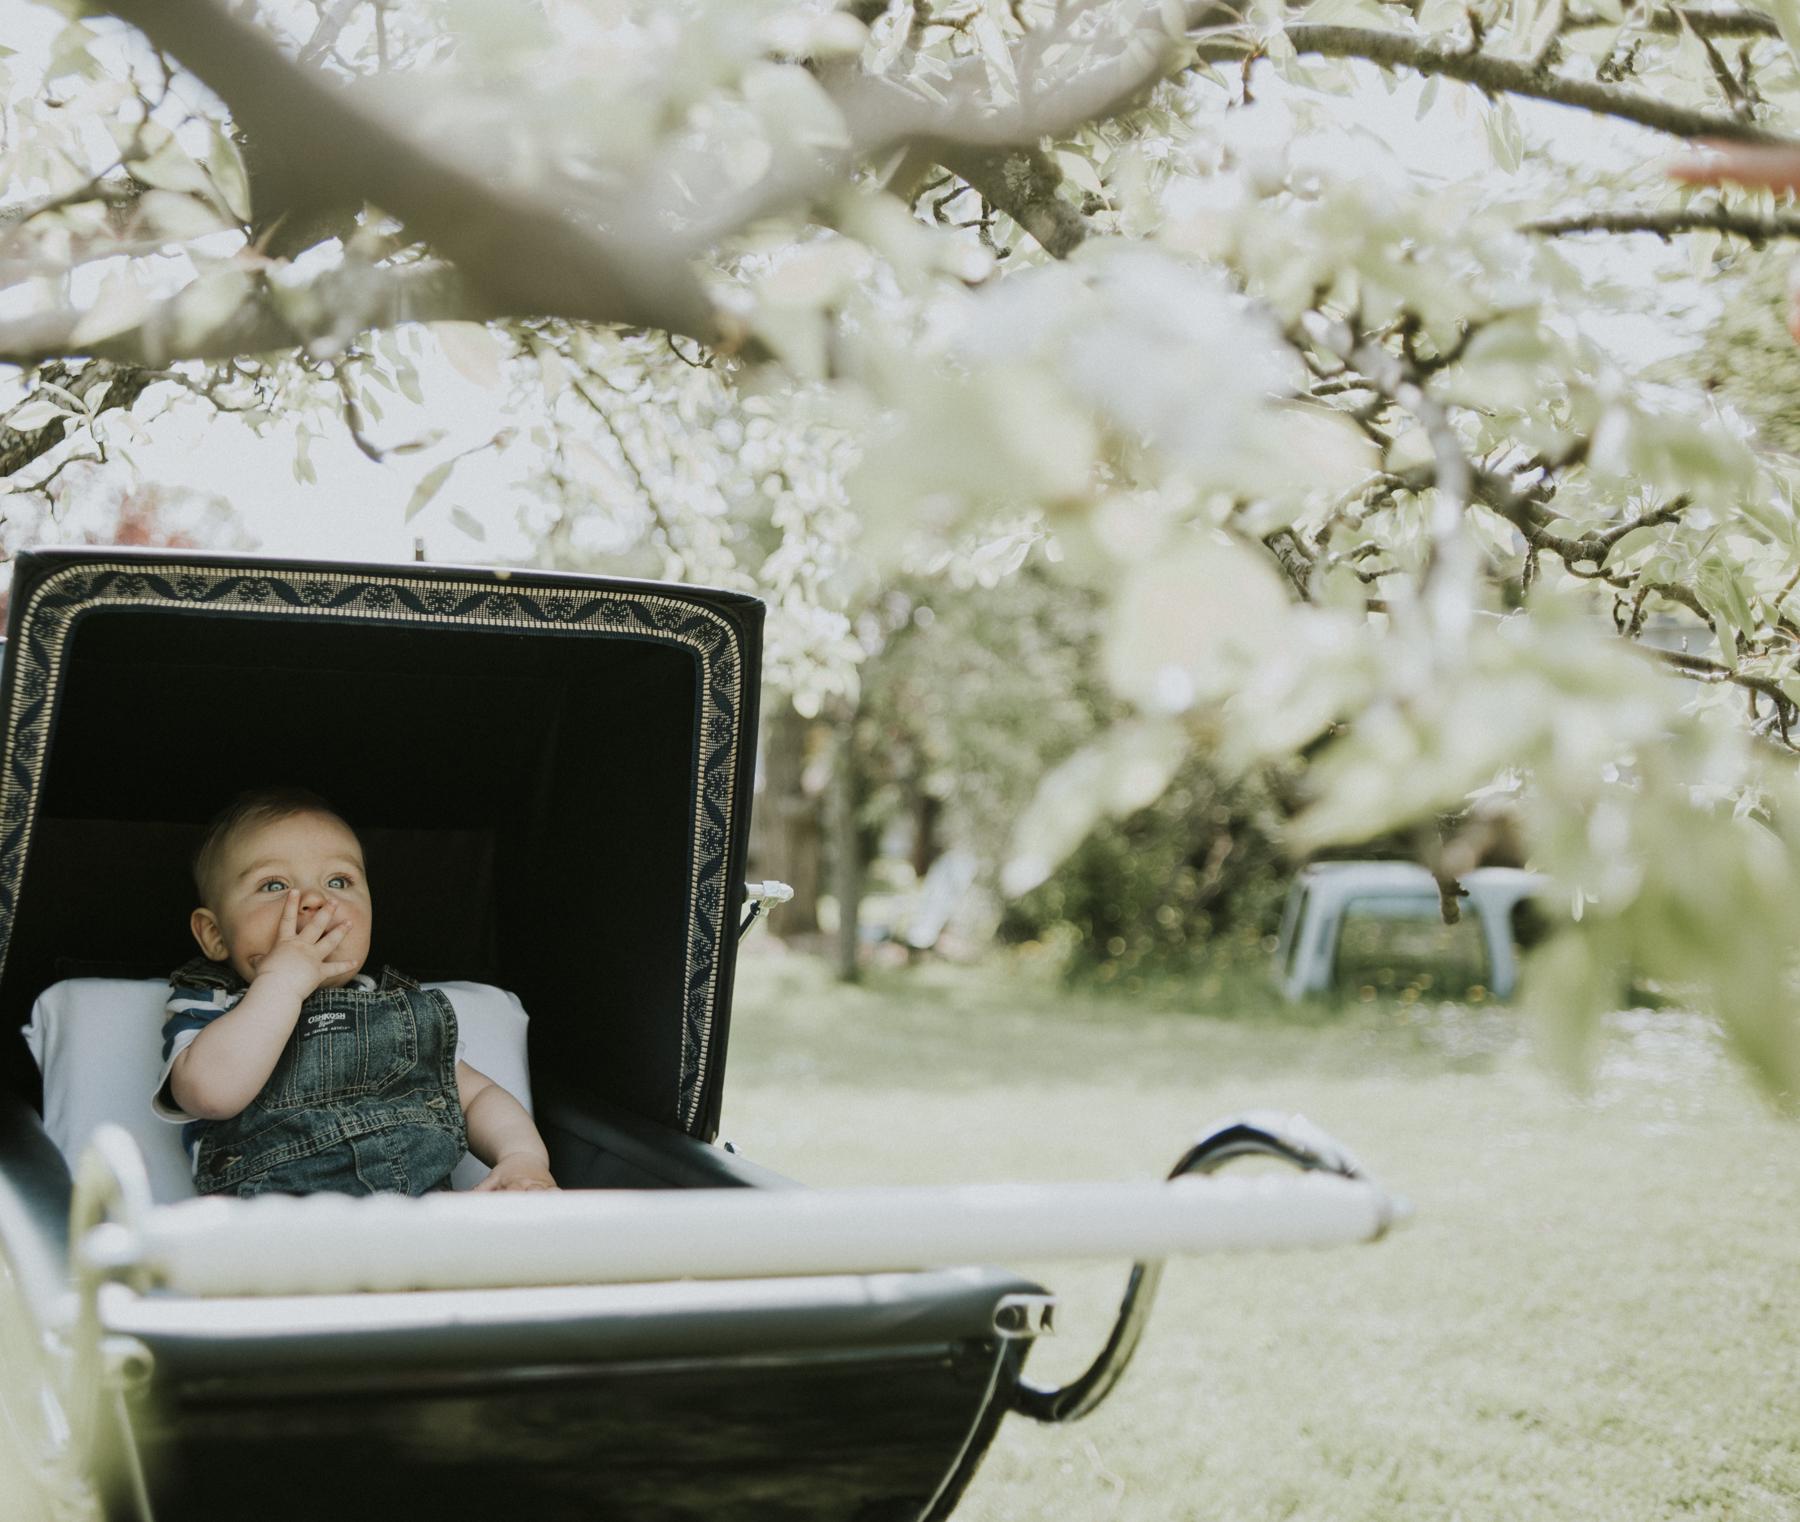 Child in antique pram in Thornbury Ontario.